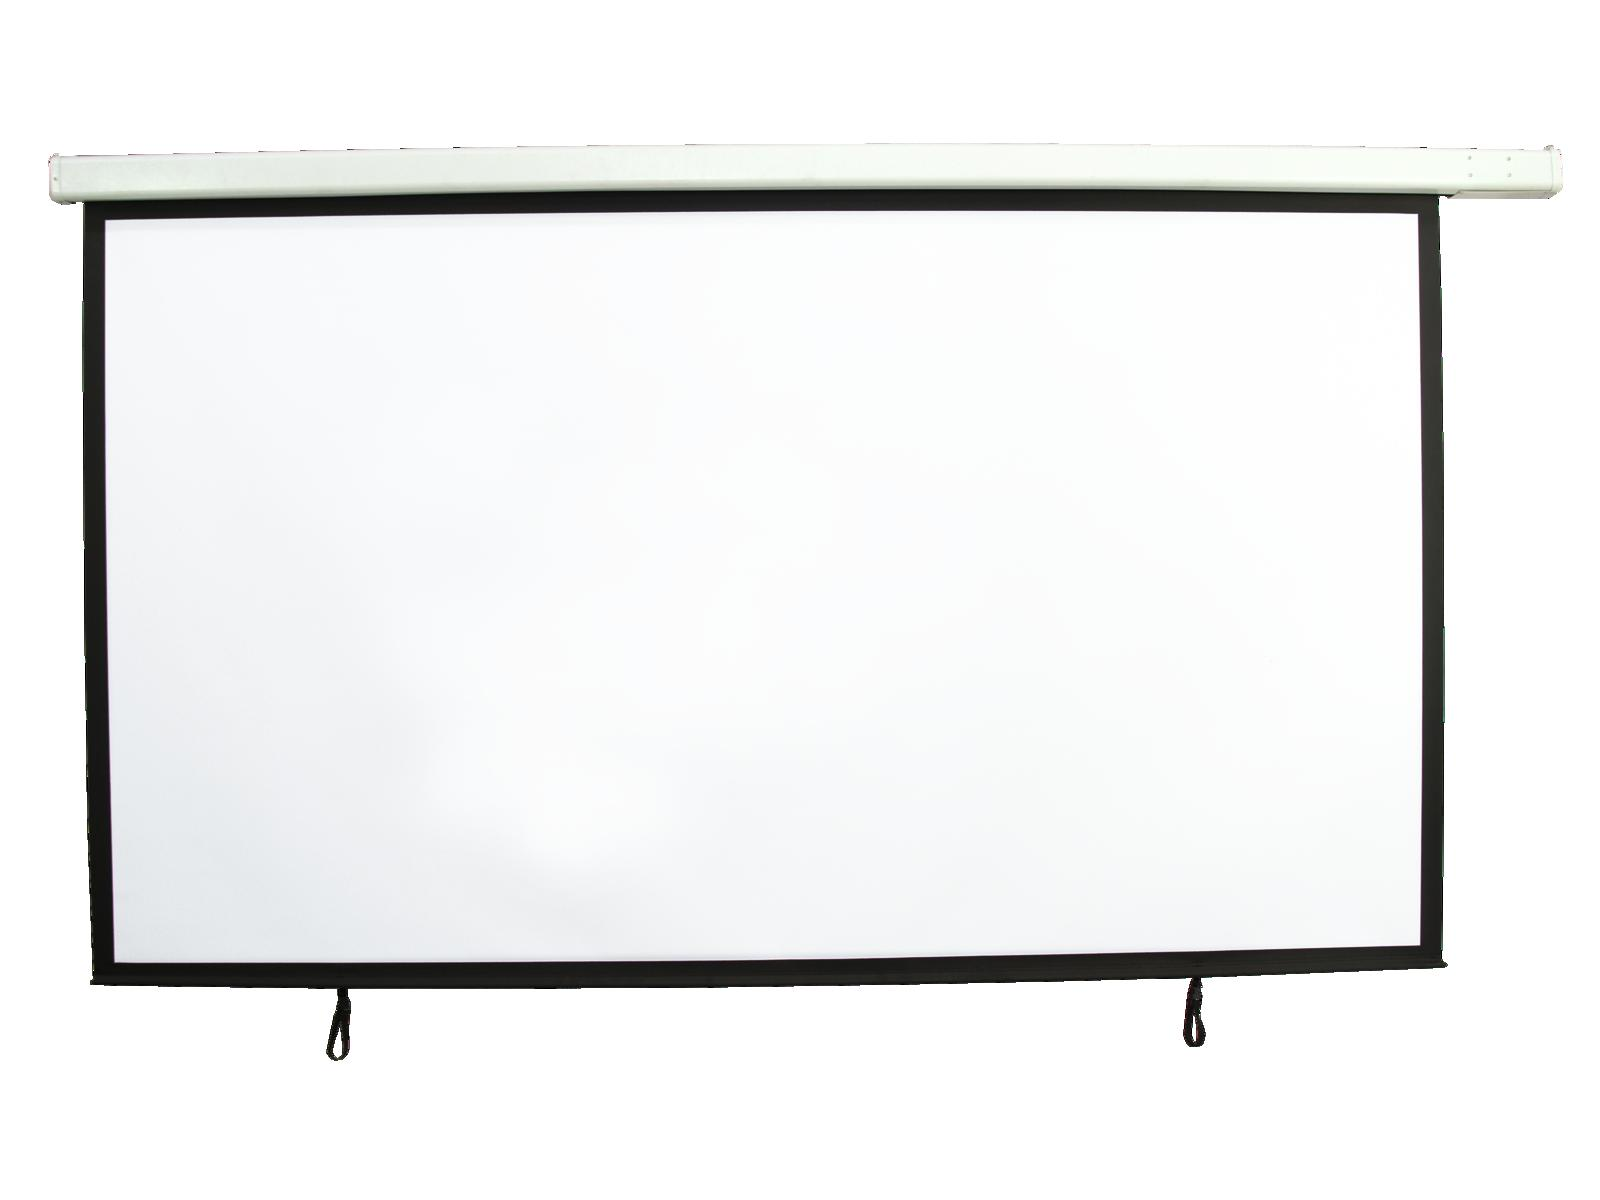 Projekční plátno s el. motorkem IR 16:9, 360 x 200 cm